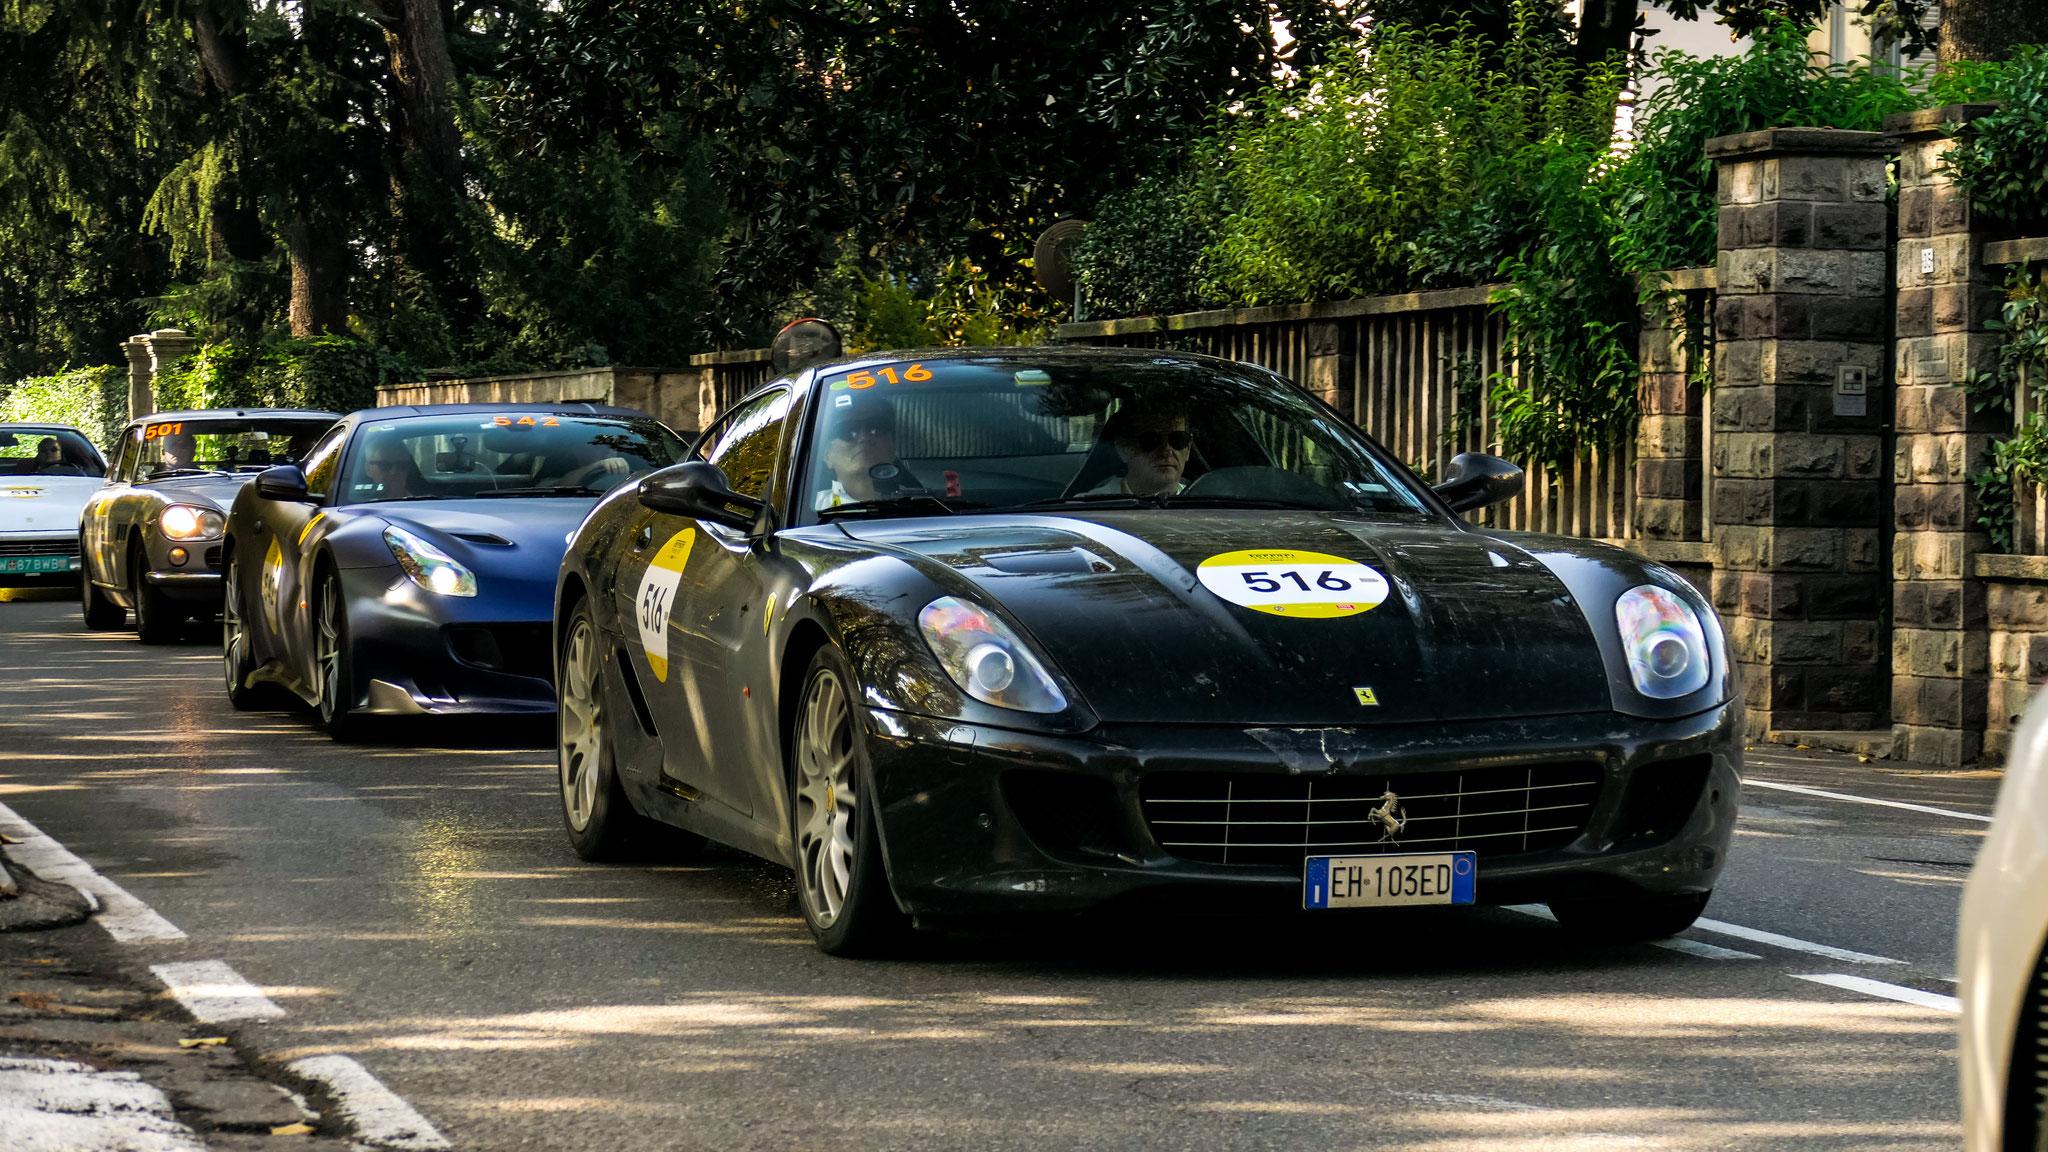 Ferrari 599 GTB - EH-103-ED (ITA)